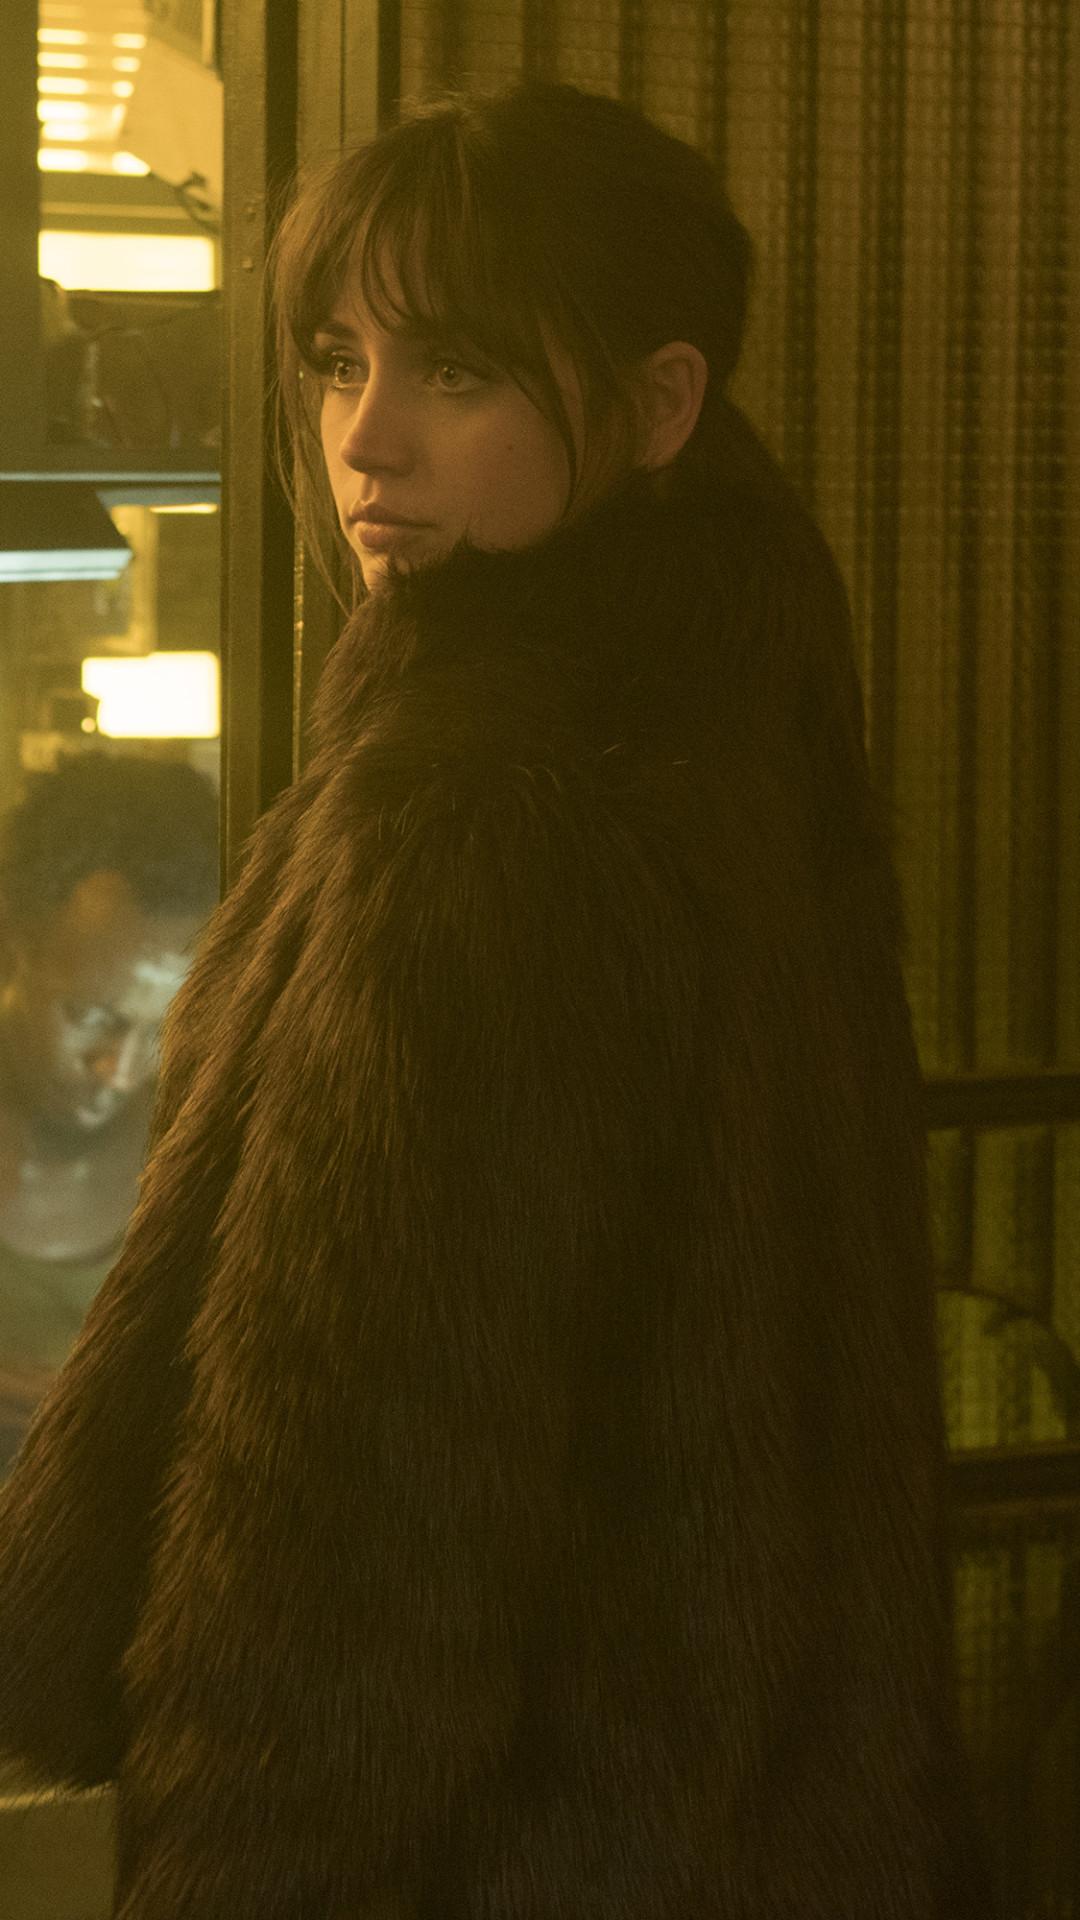 Bad Girl Live Wallpaper Blade Runner Wallpaper 71 Images